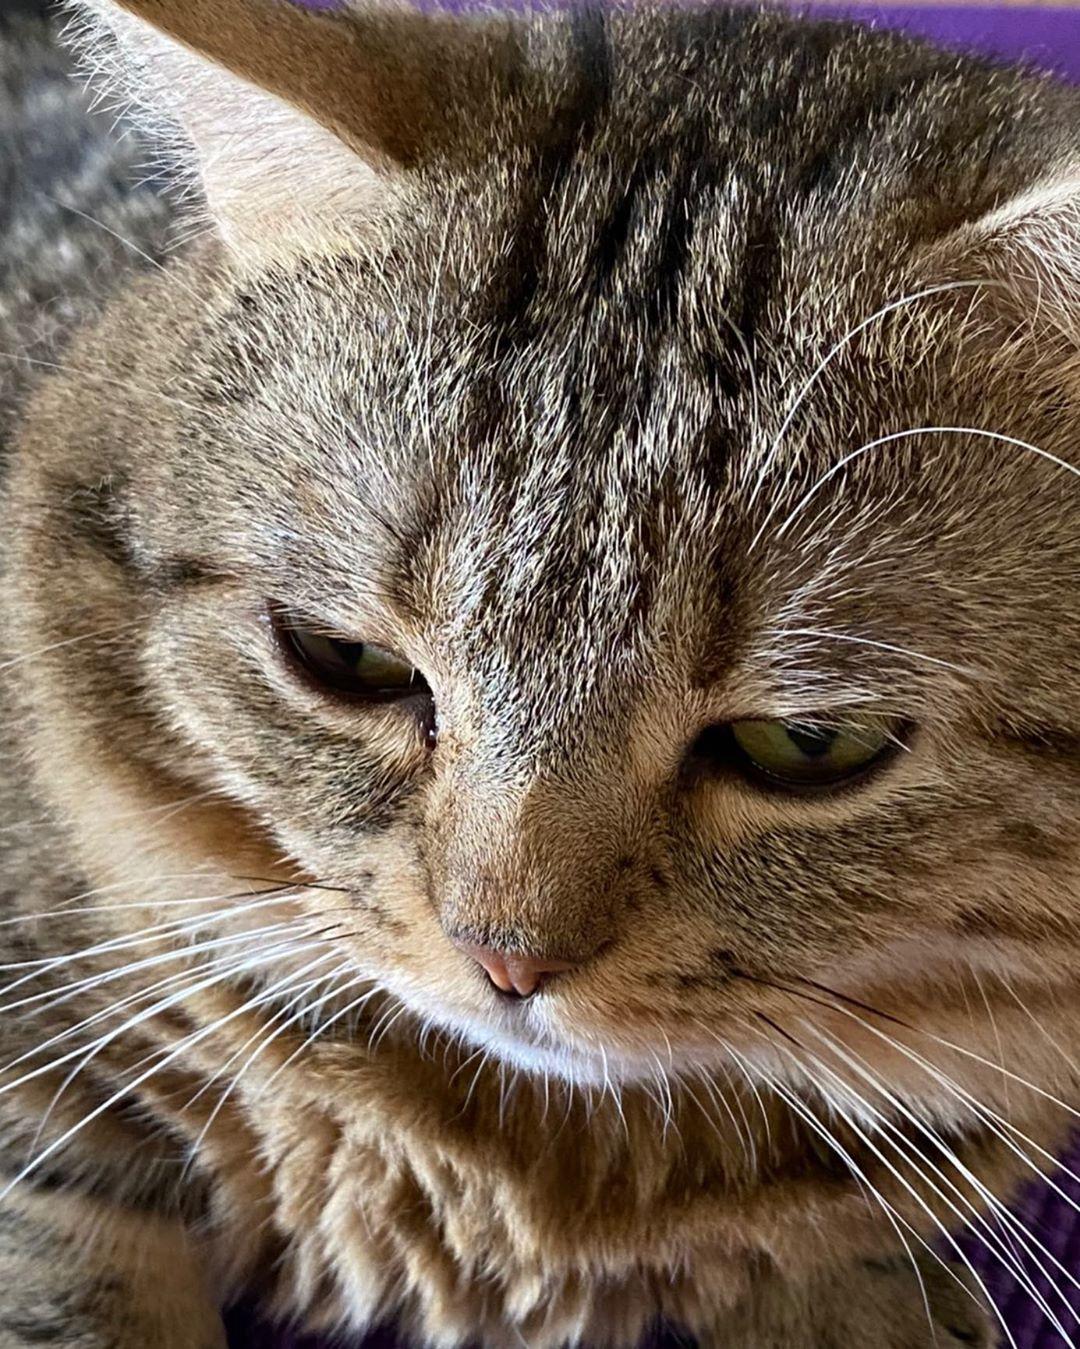 虎斑貓偷學「蓋被被睡覺」 睡前還會「睜眼確認」主人有沒有陪睡!